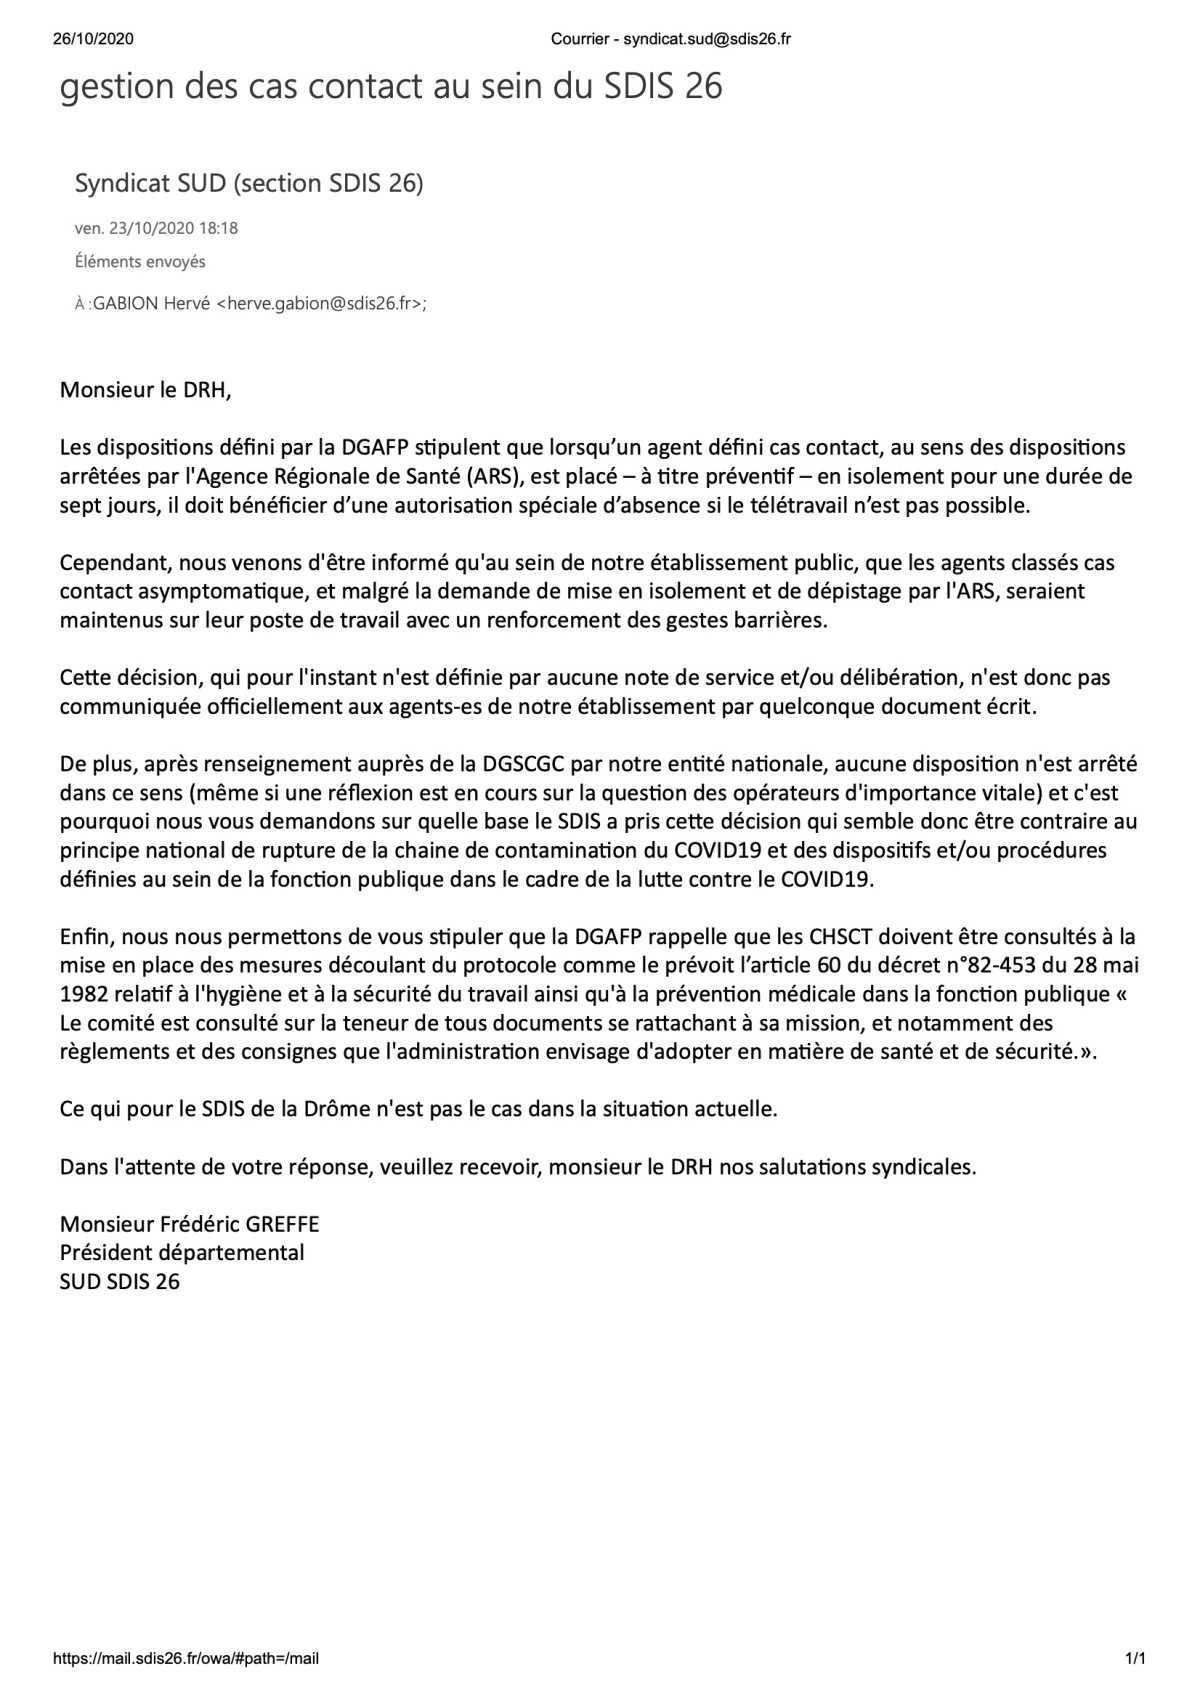 SUD 26 interroge le DRH sur la gestion des cas contact, définis par l'ARS, au sein du SDIS de la Drôme